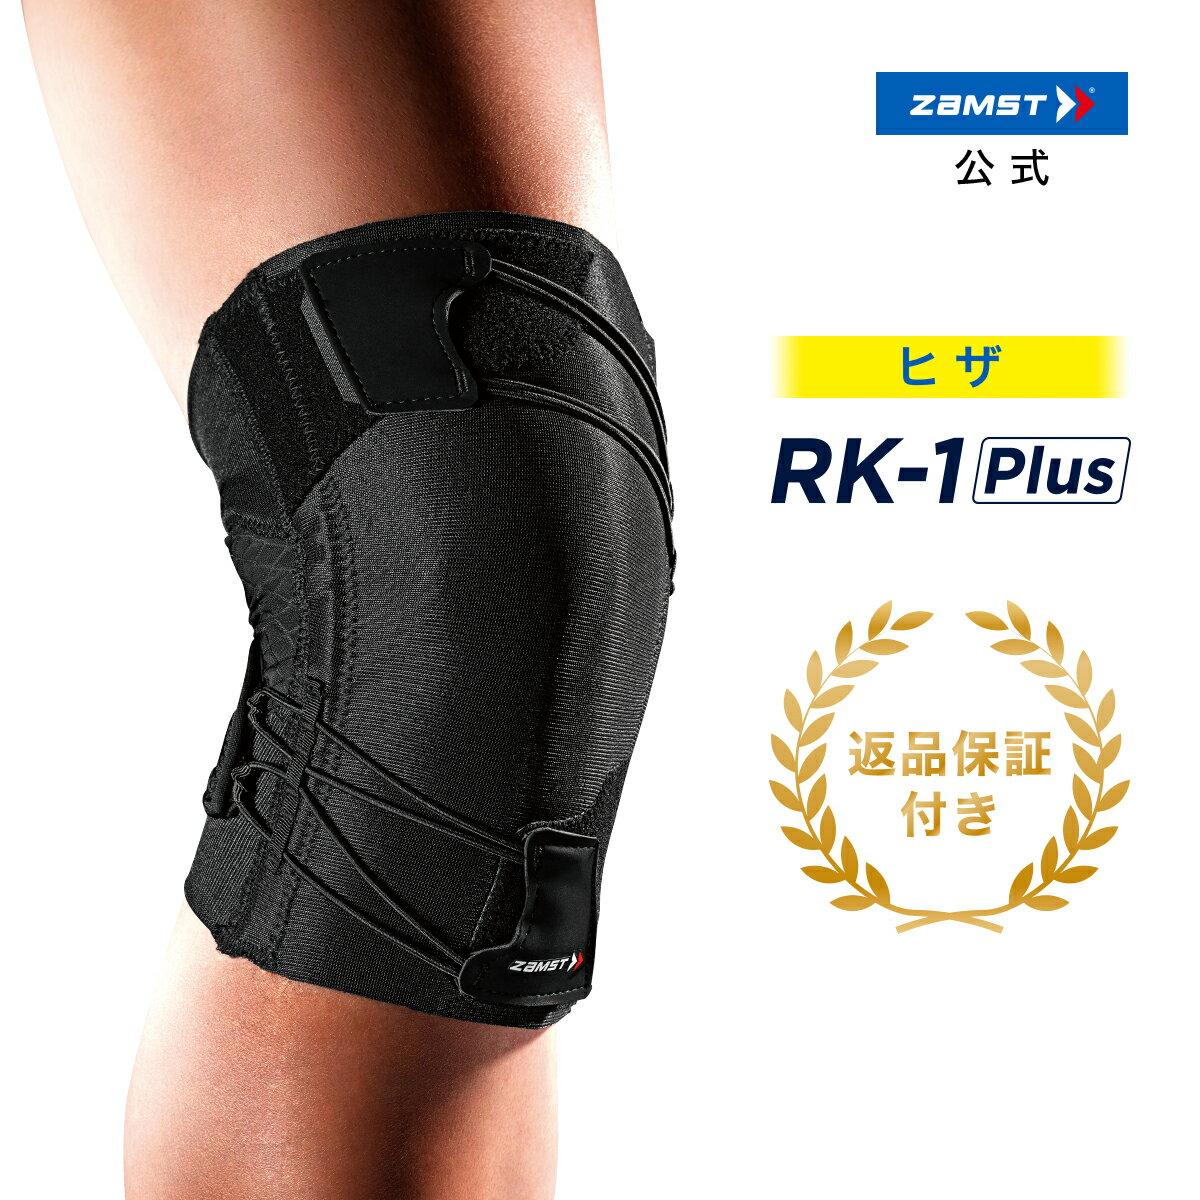 RK-1Plus